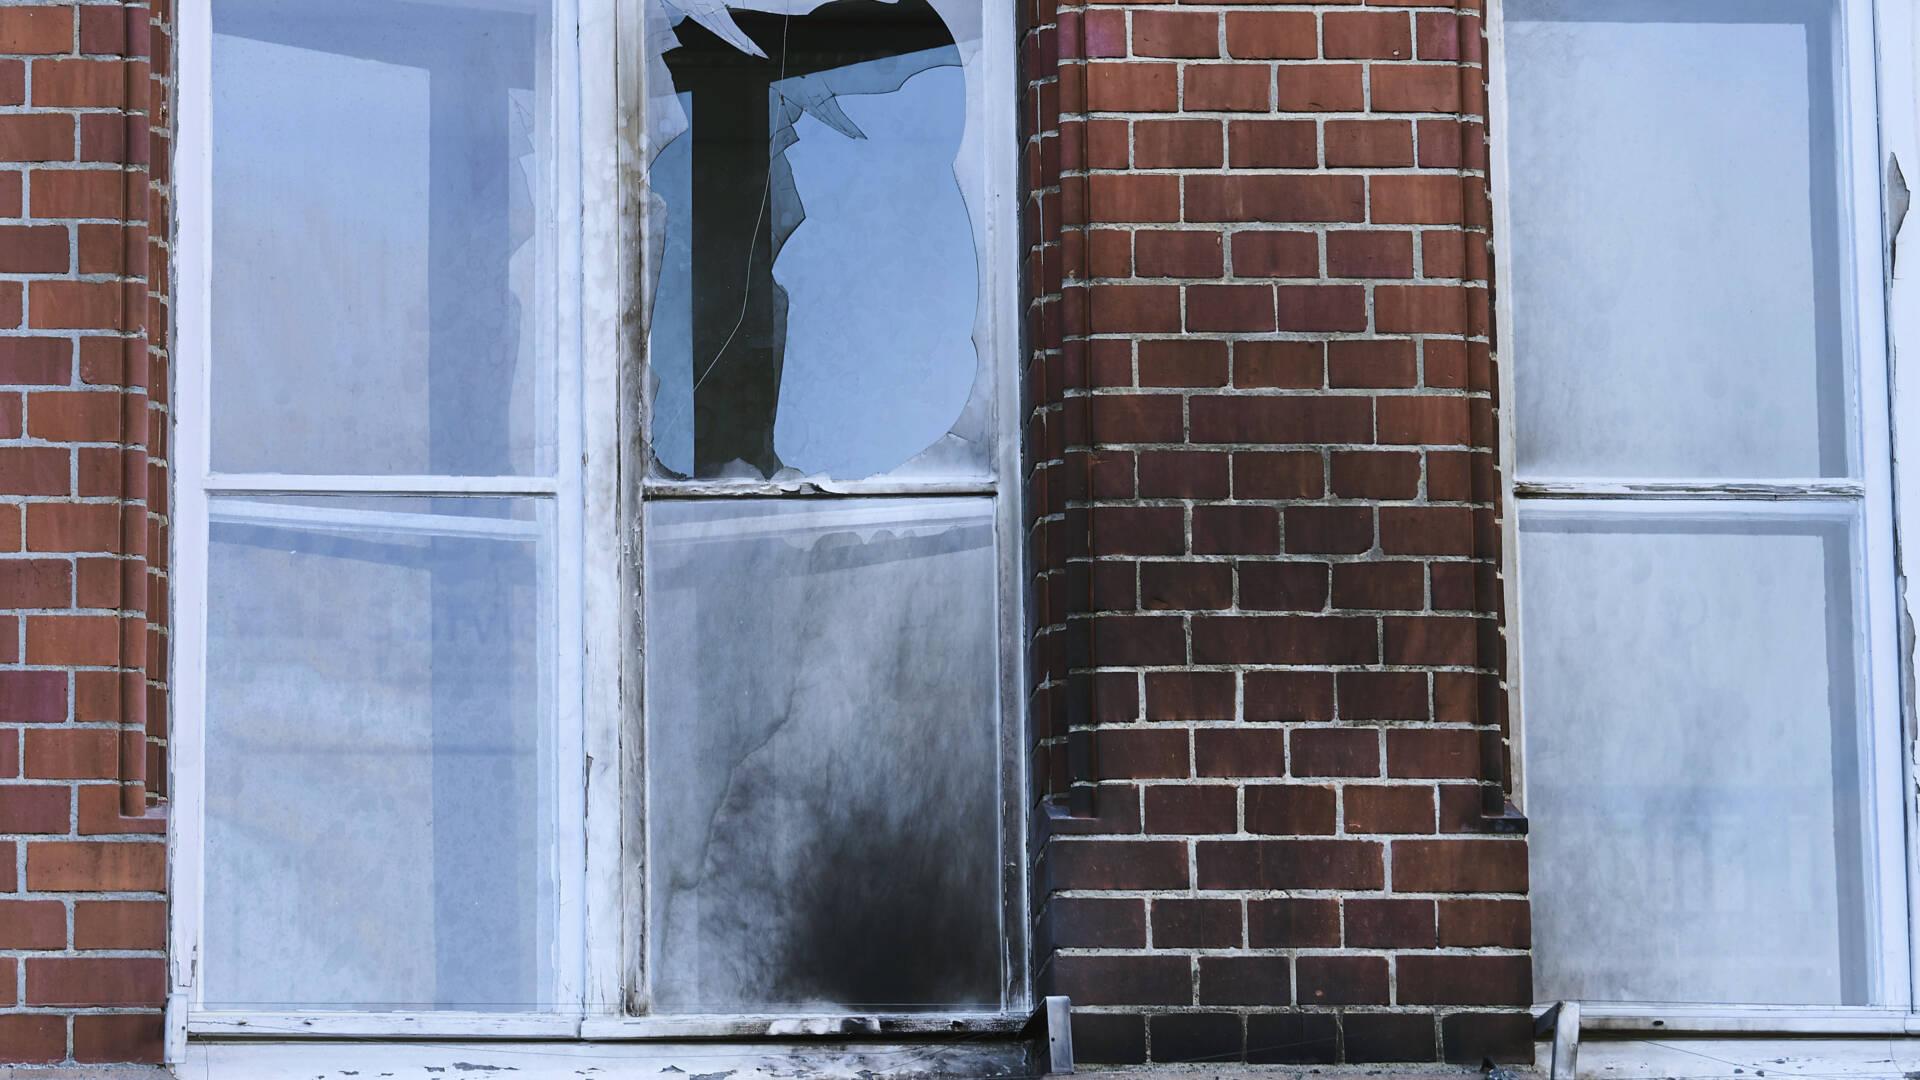 الهجوم على المعهد الصحي الألماني في برلين بقنابل حارقة